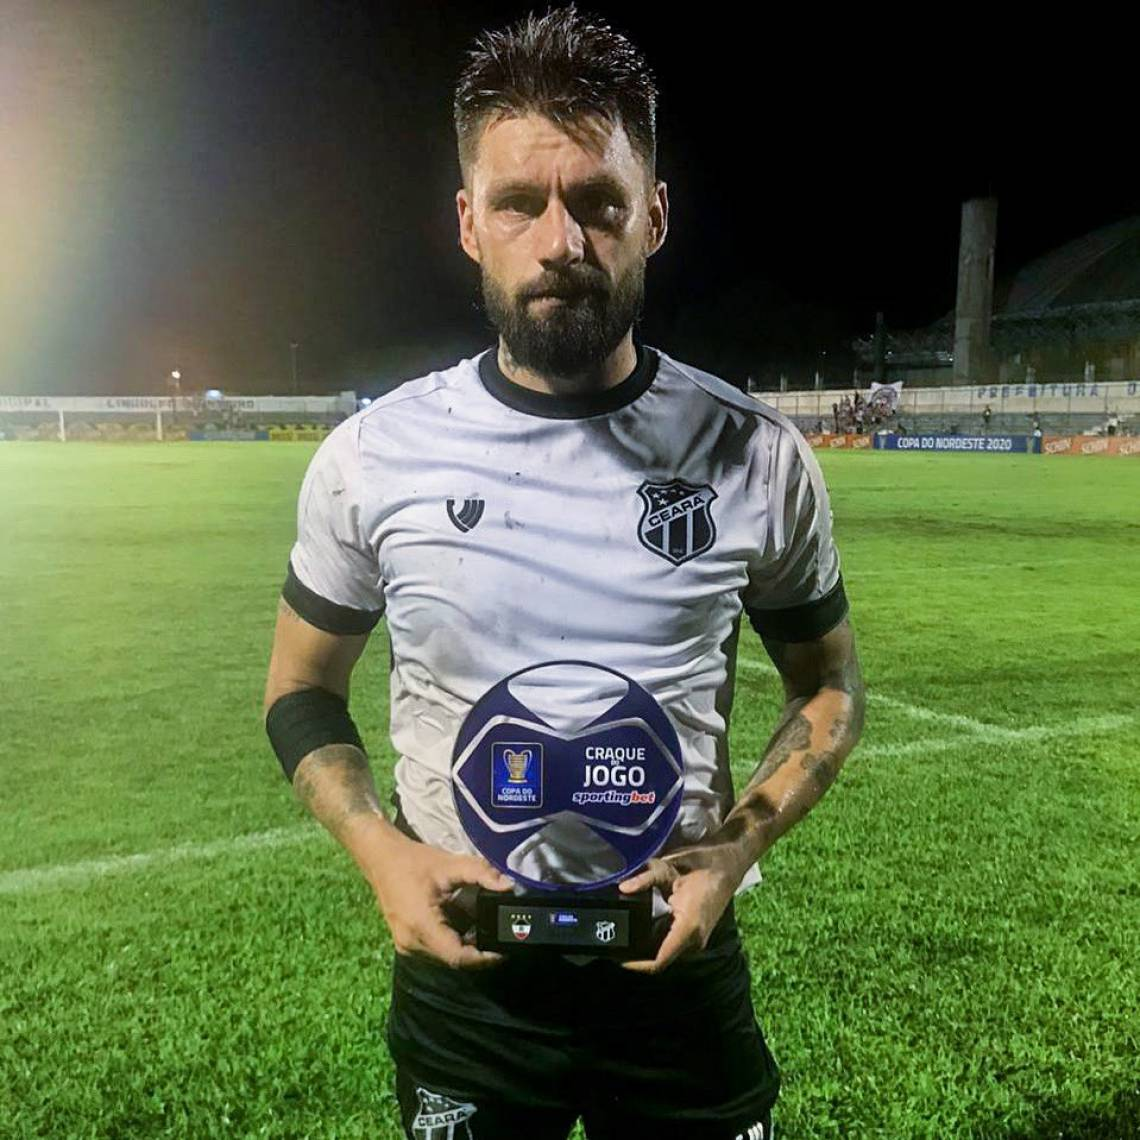 Sobis recebeu o troféu de melhor da partida.